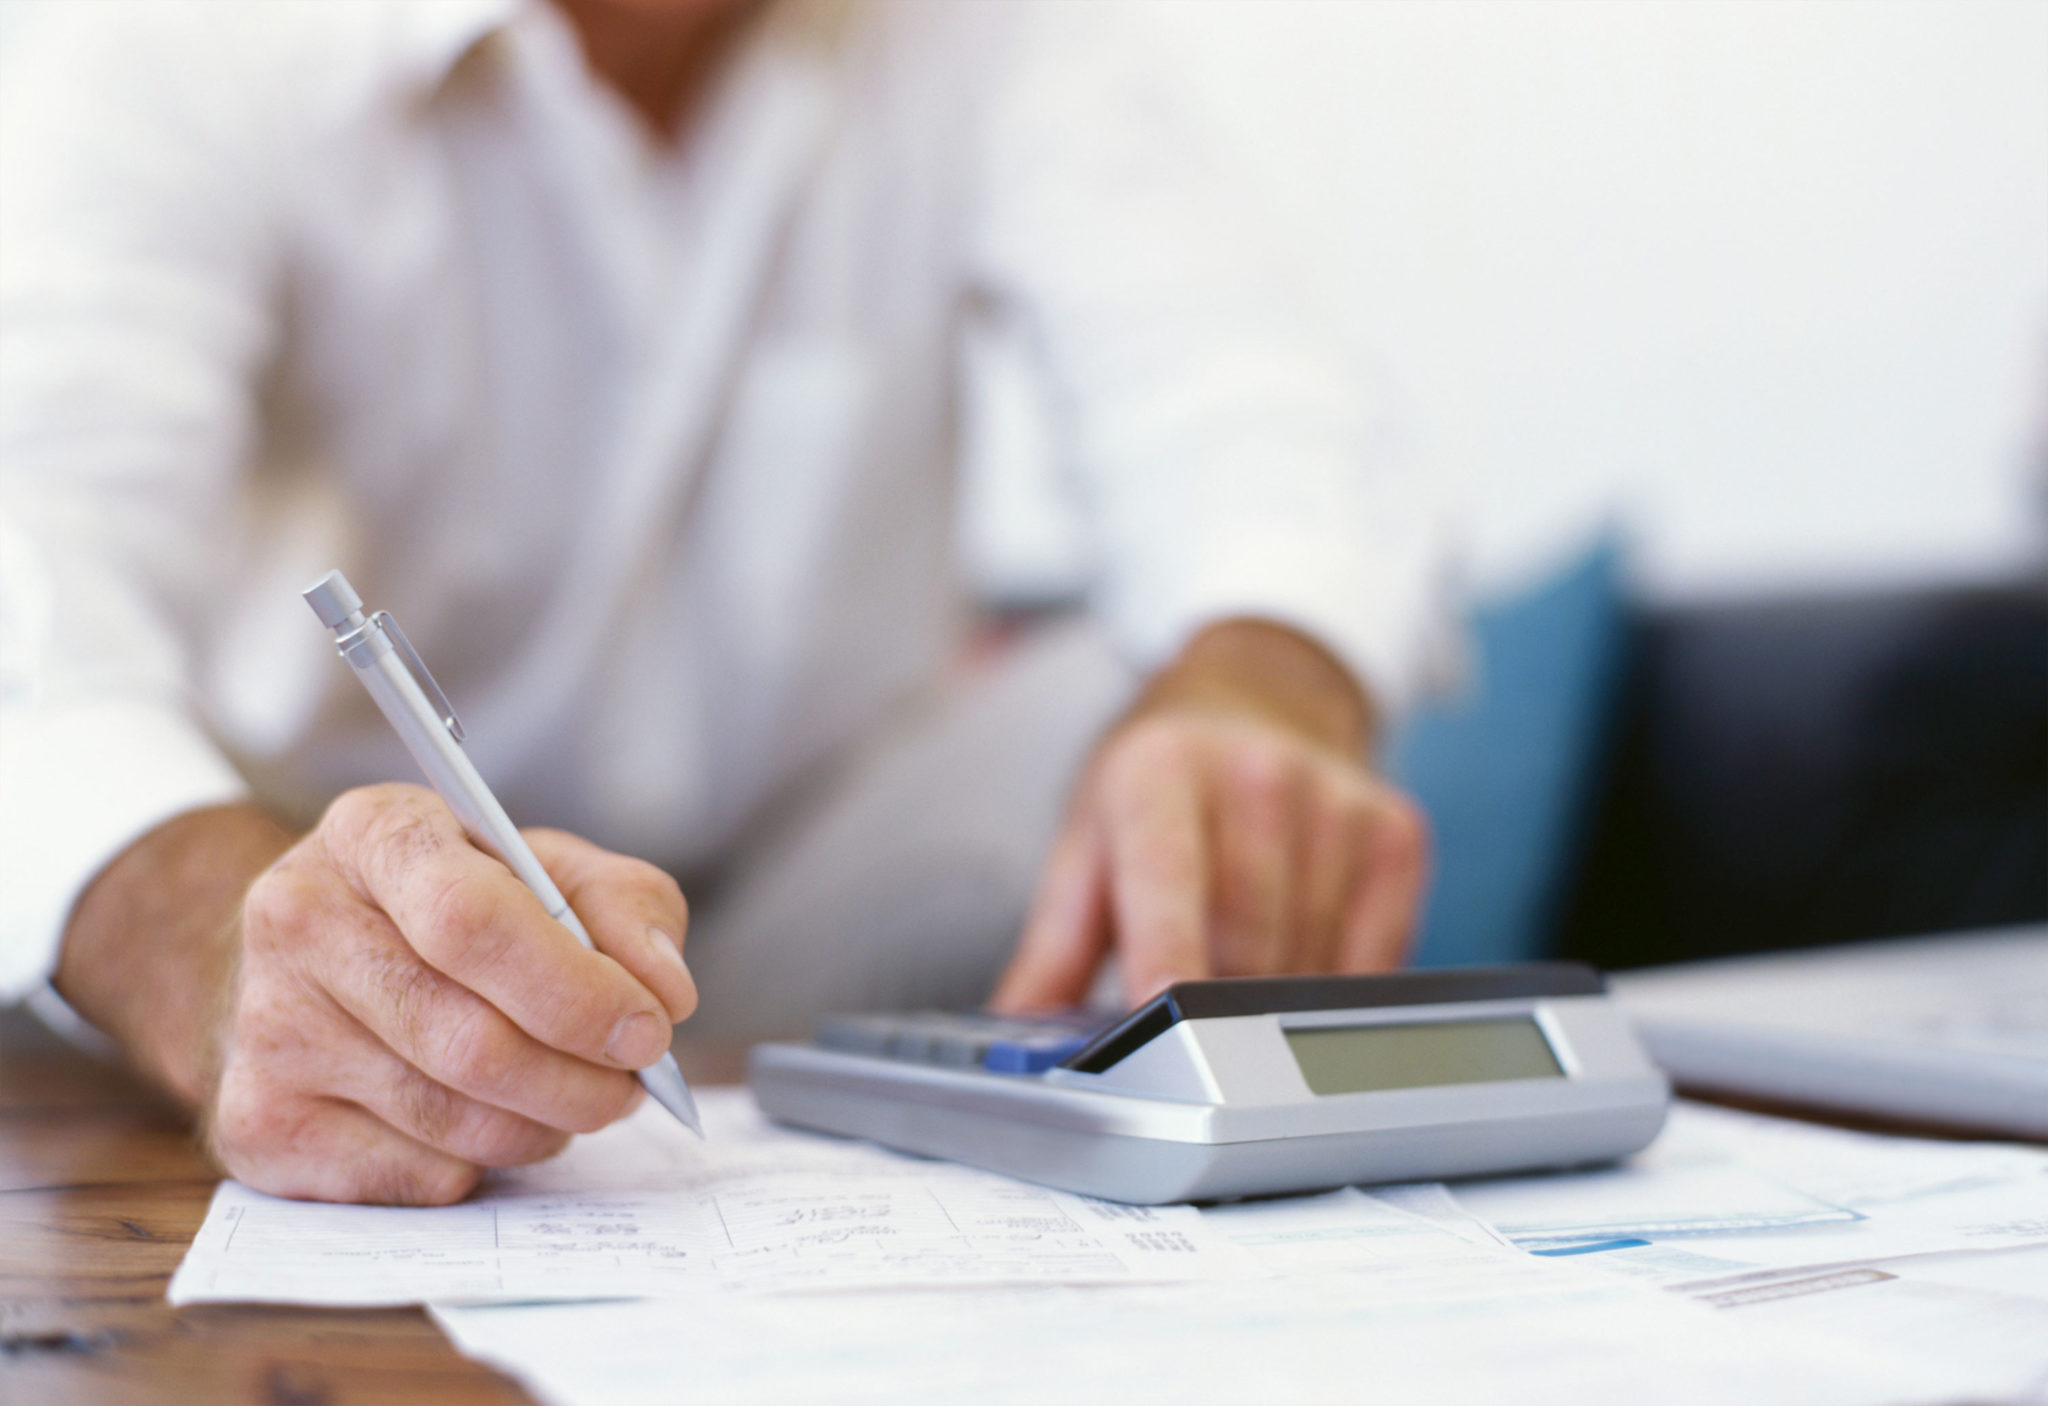 Енвд сдача отчетности по месту регистрации ип заявления на регистрацию ип в пфр как работодателя образец